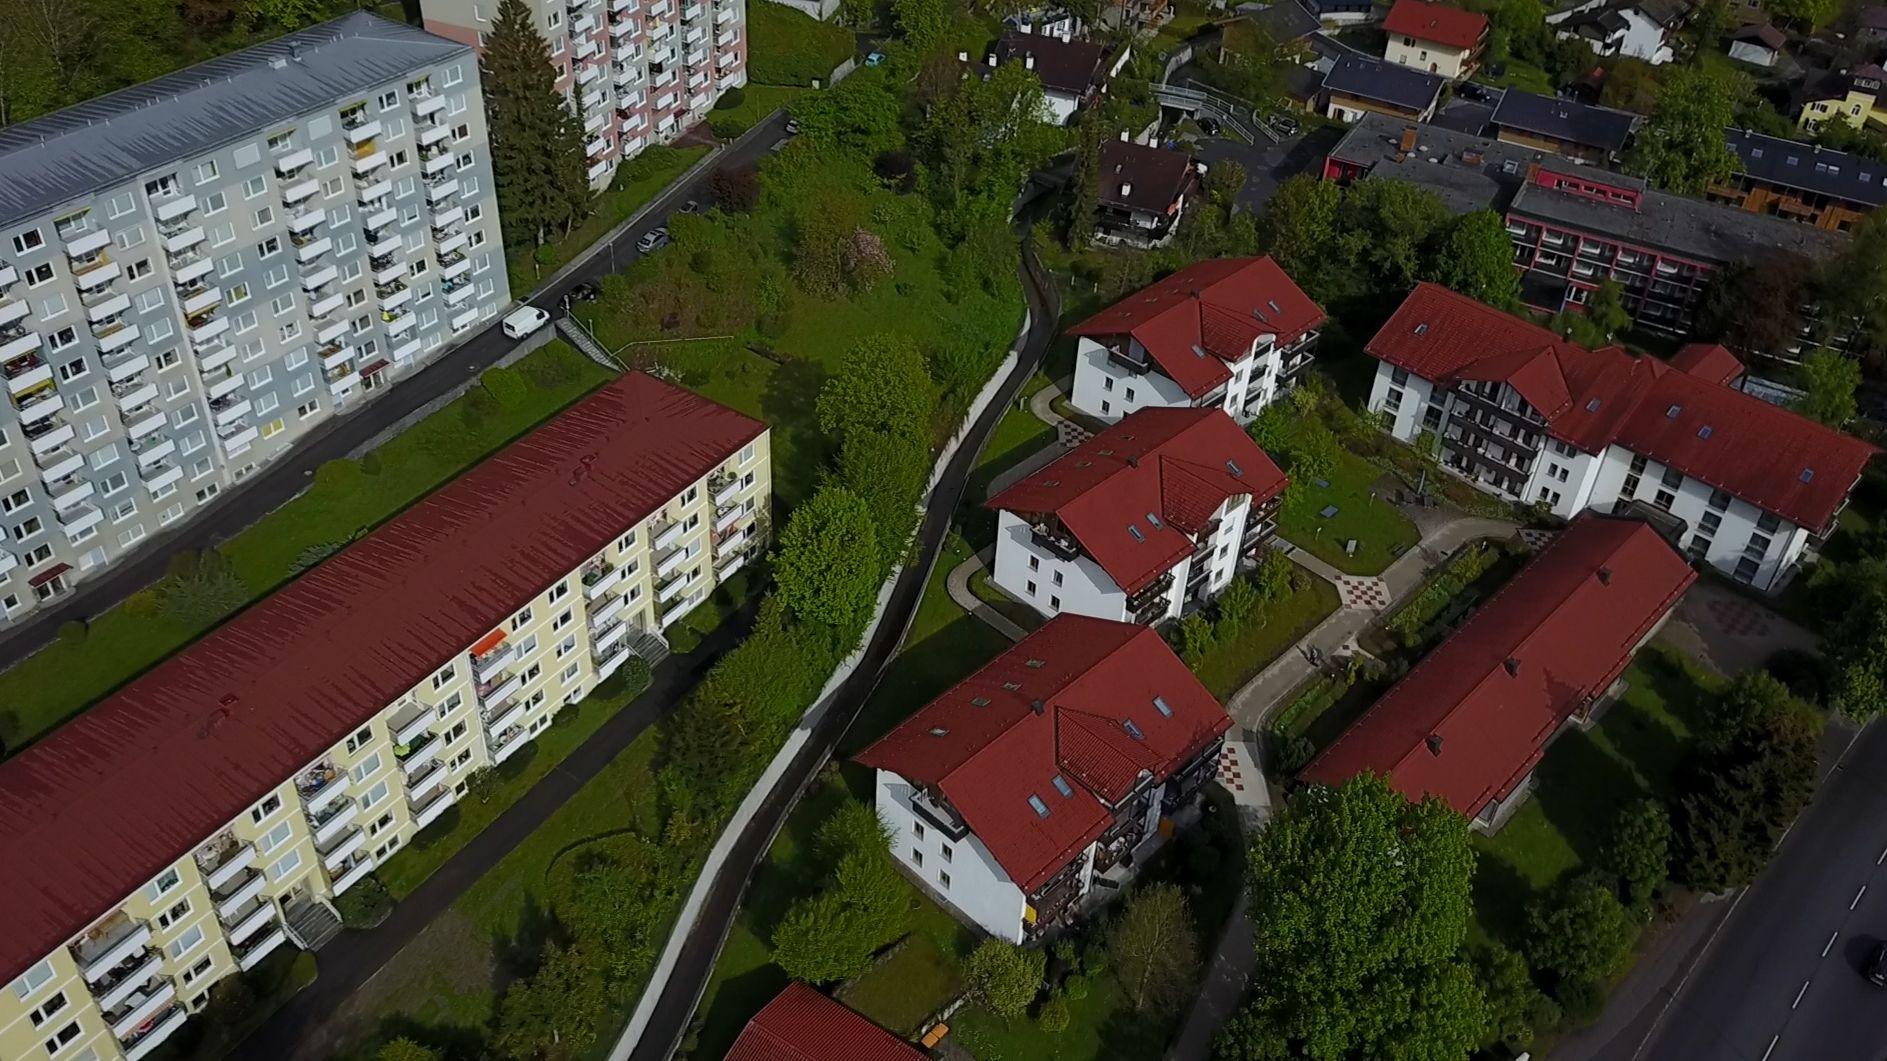 Hochwasserschutz in Garmisch-Partenkirchen